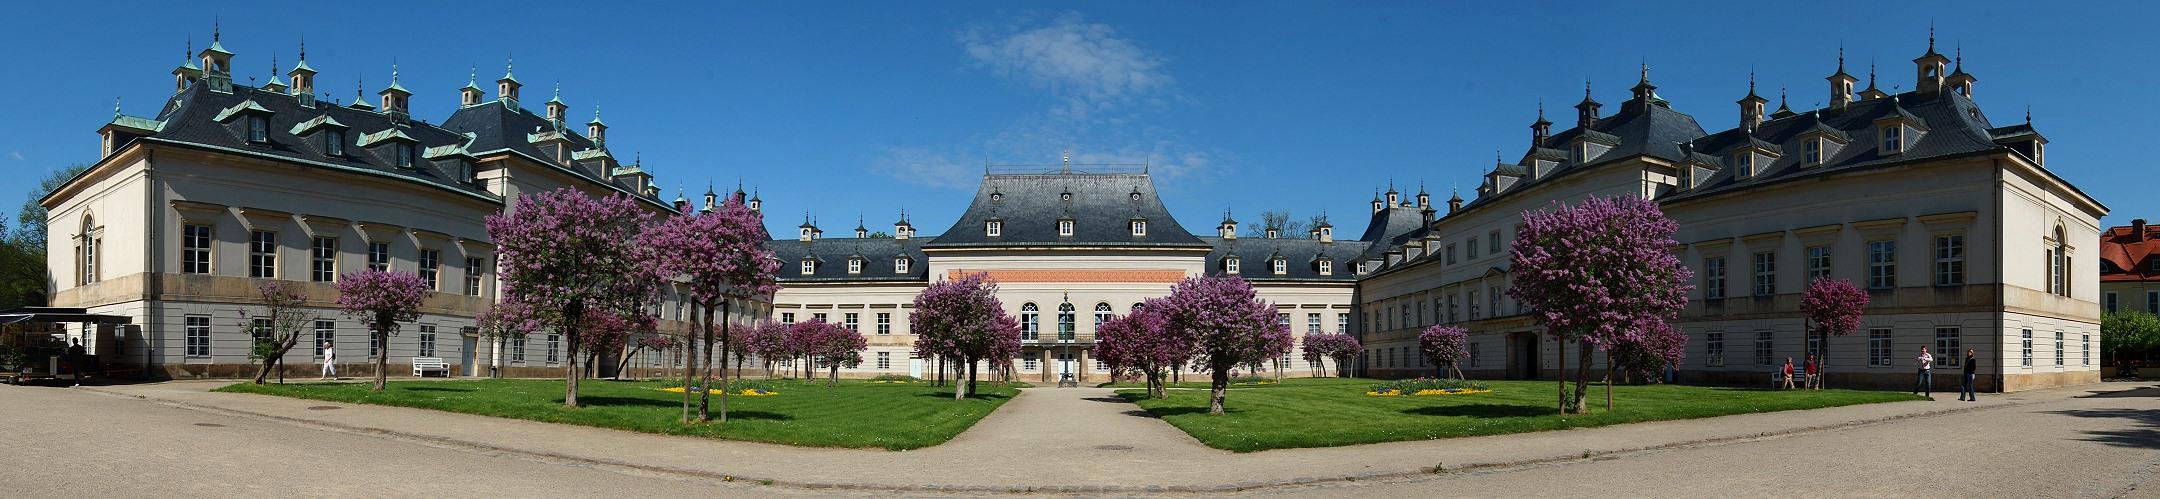 Fliederhof im Schloss Pillnitz